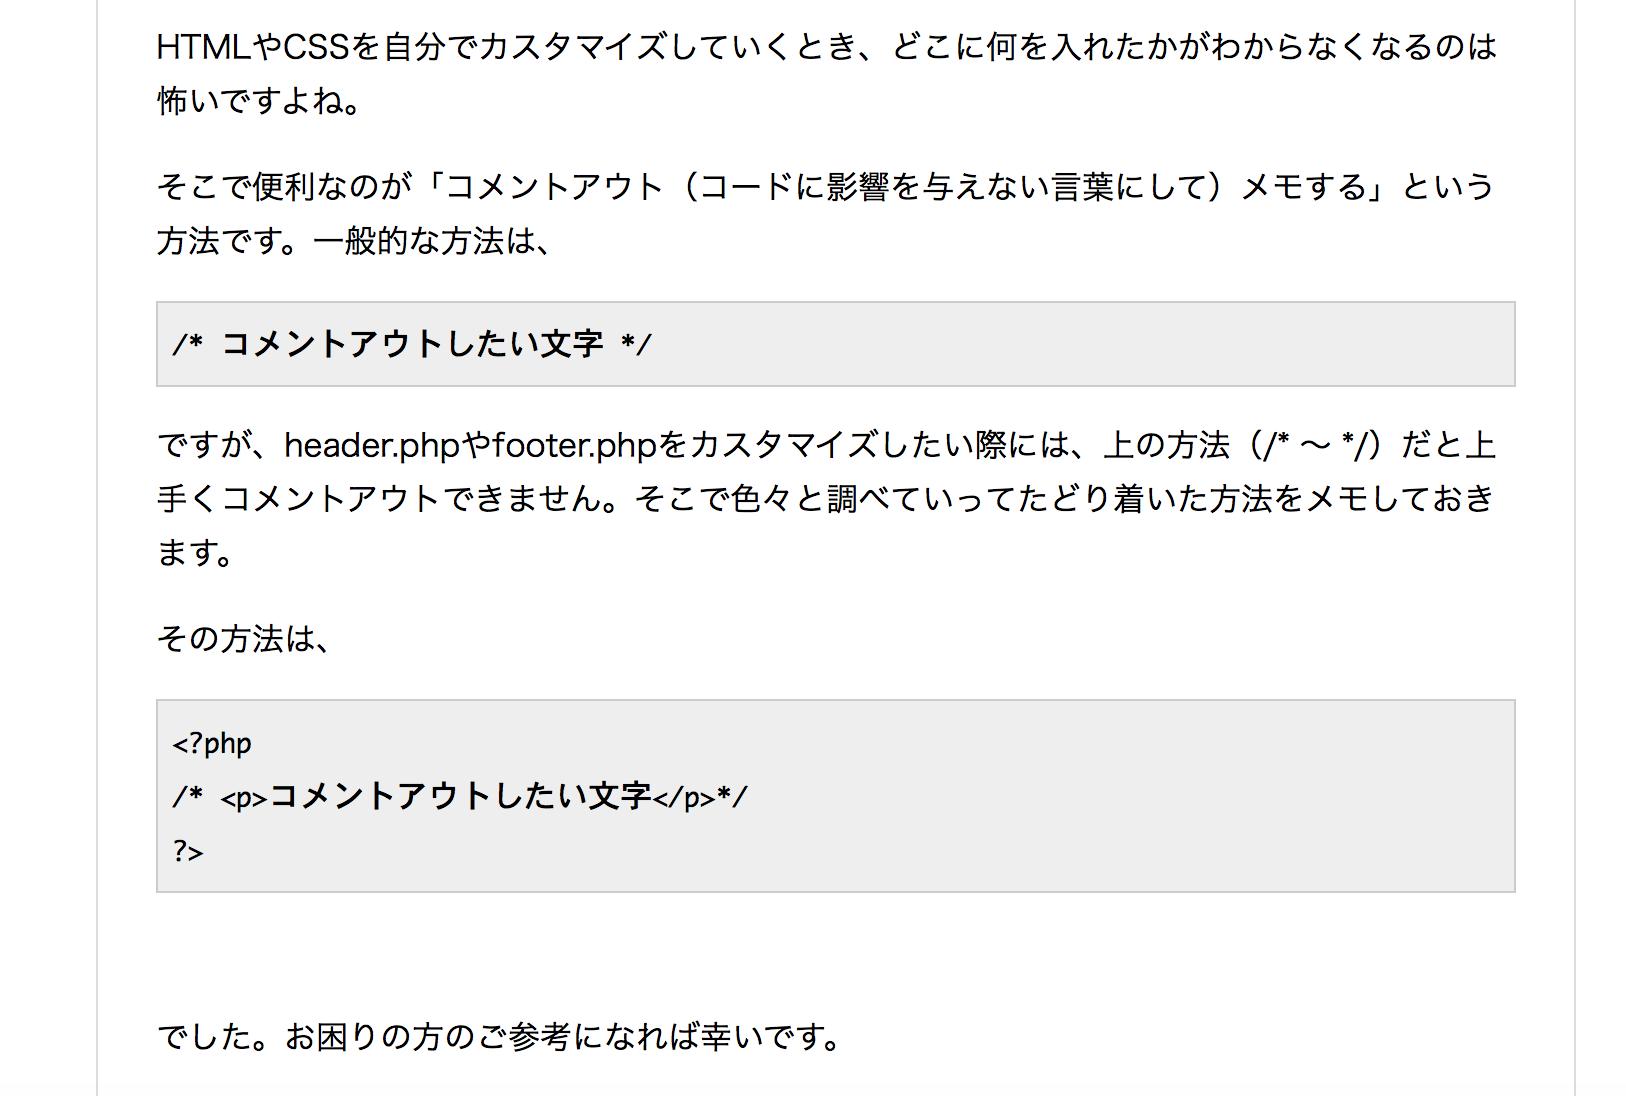 header.phpやfooter.phpにコメントアウトで記入する方法